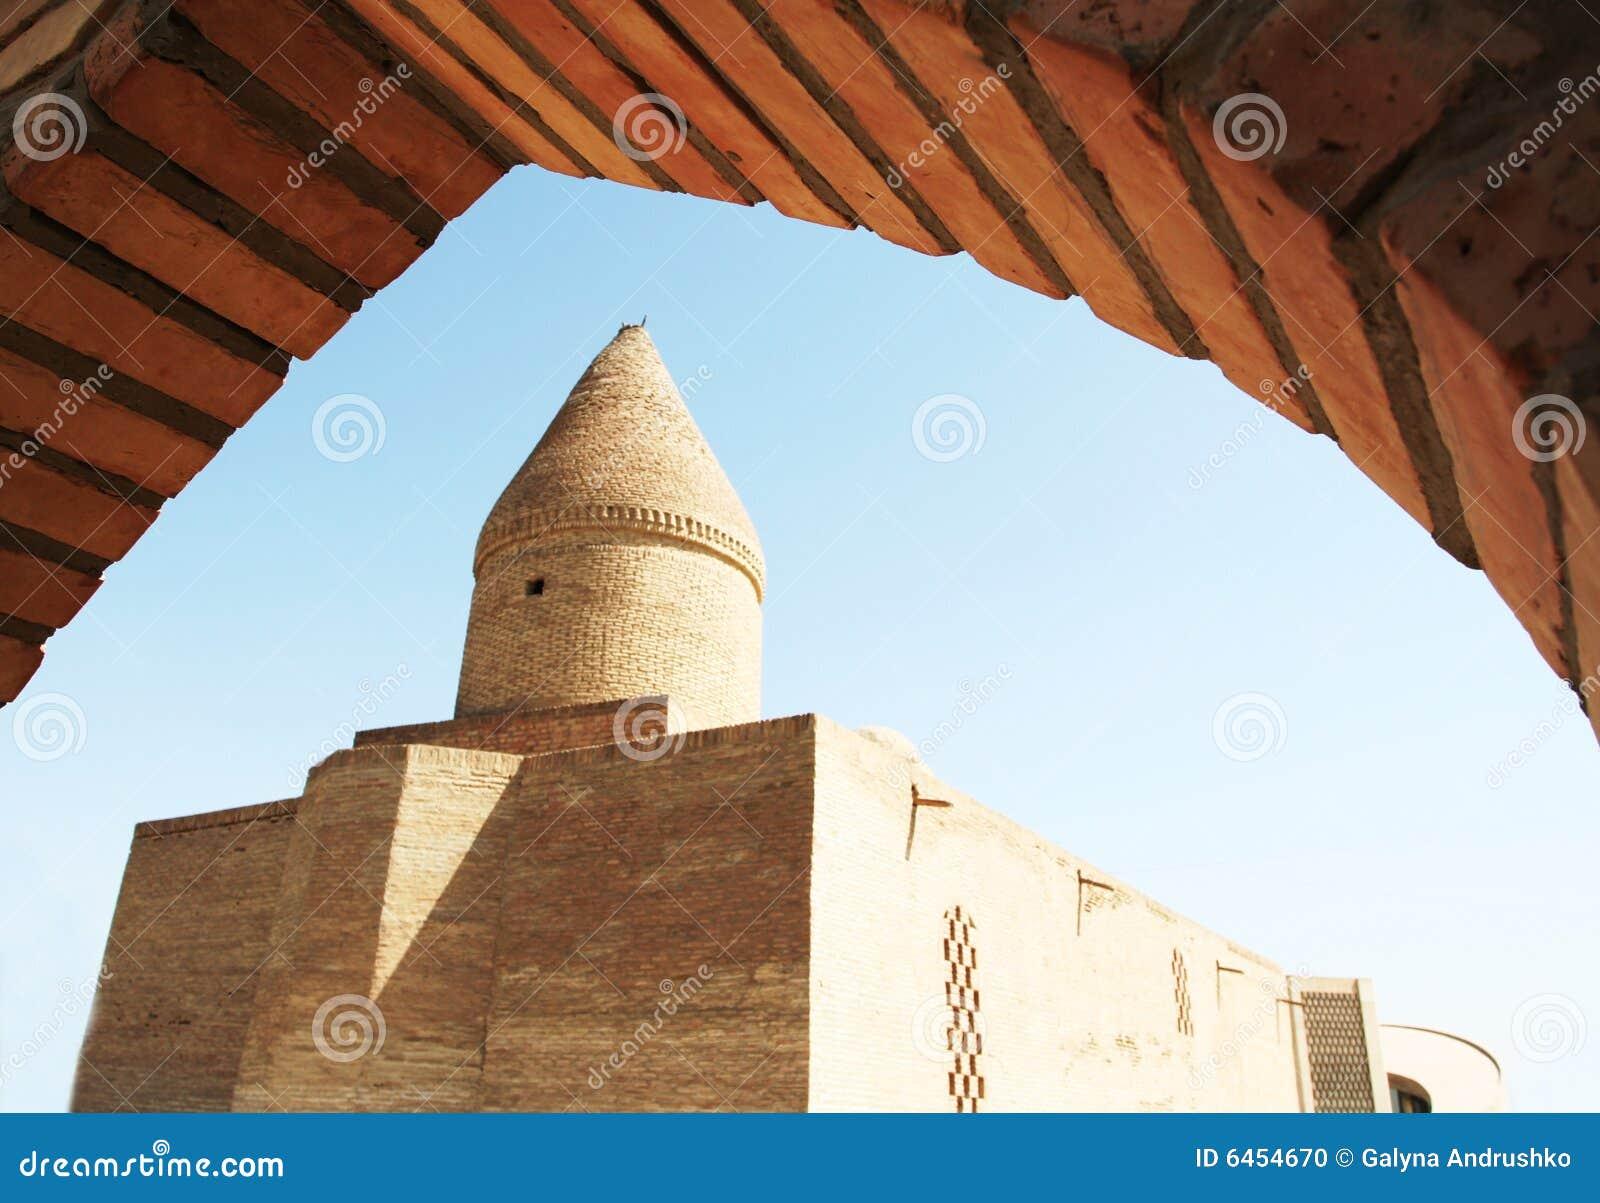 Building in Bukhara